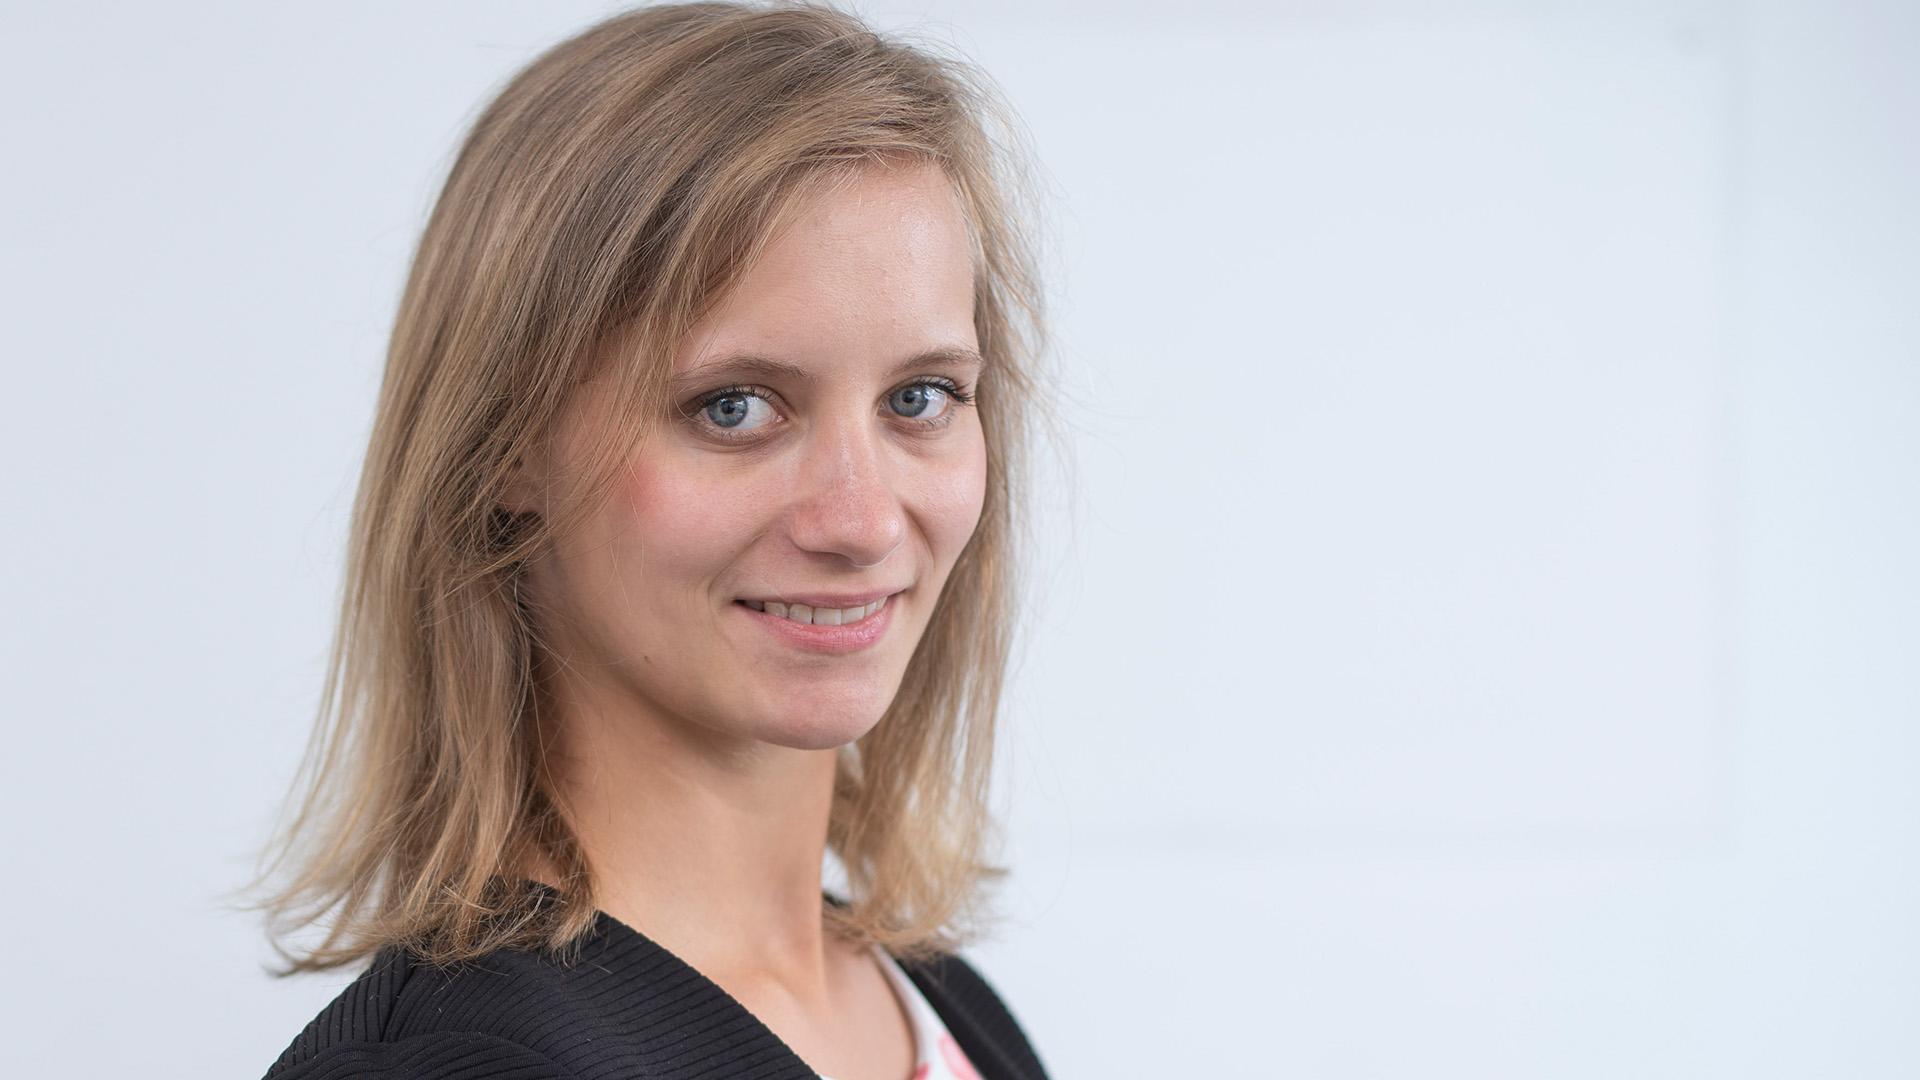 Jessica Schwirzer